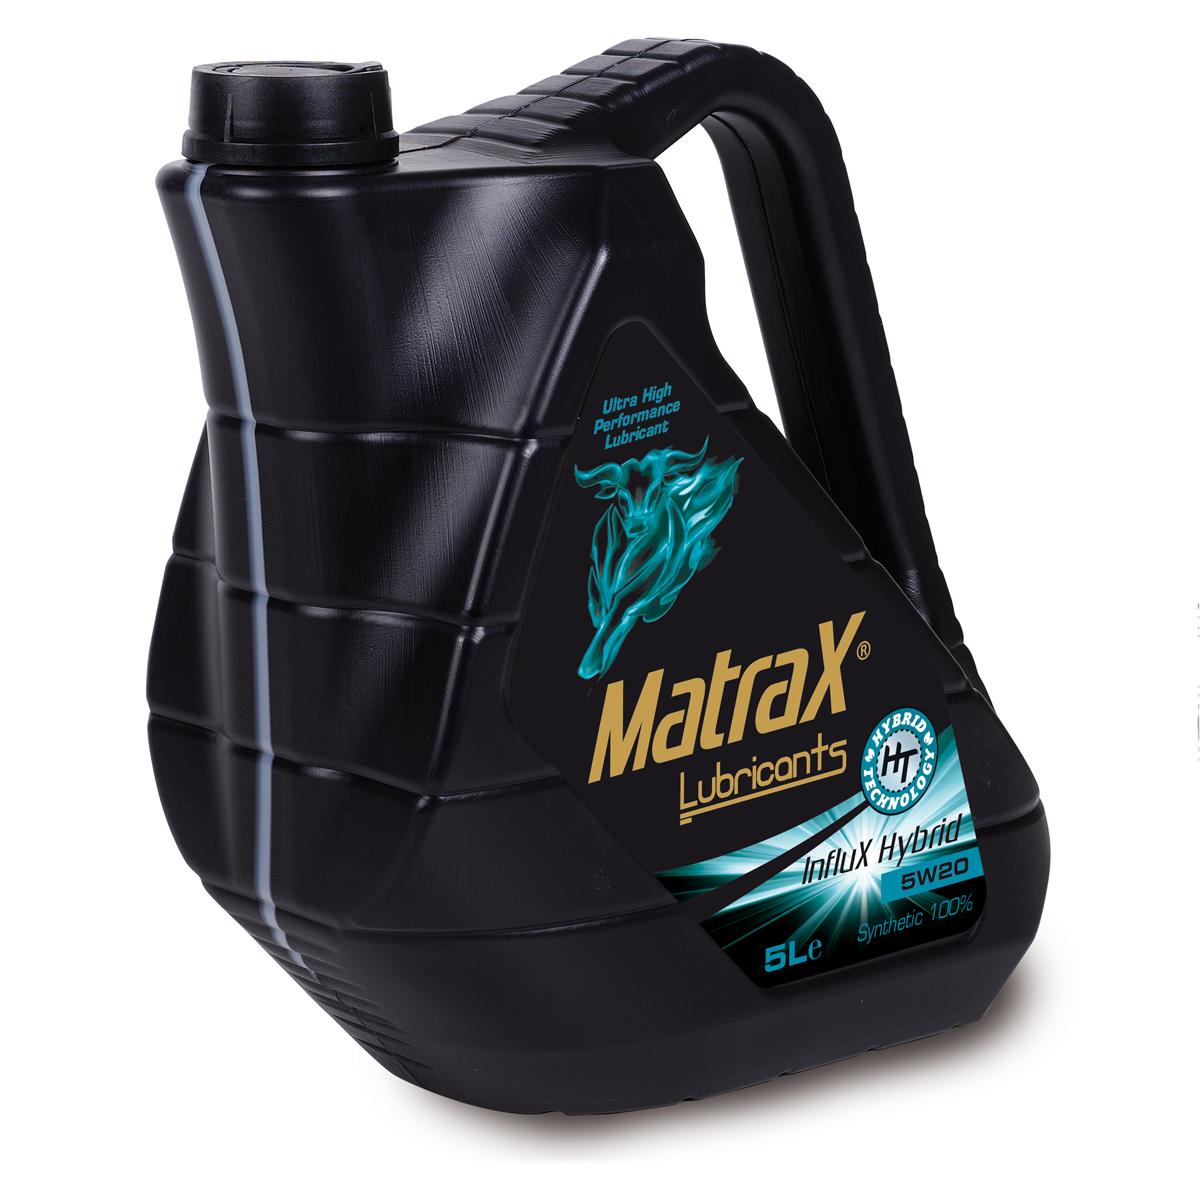 matrax-lubricants-influx-hybrid-5w20-5l